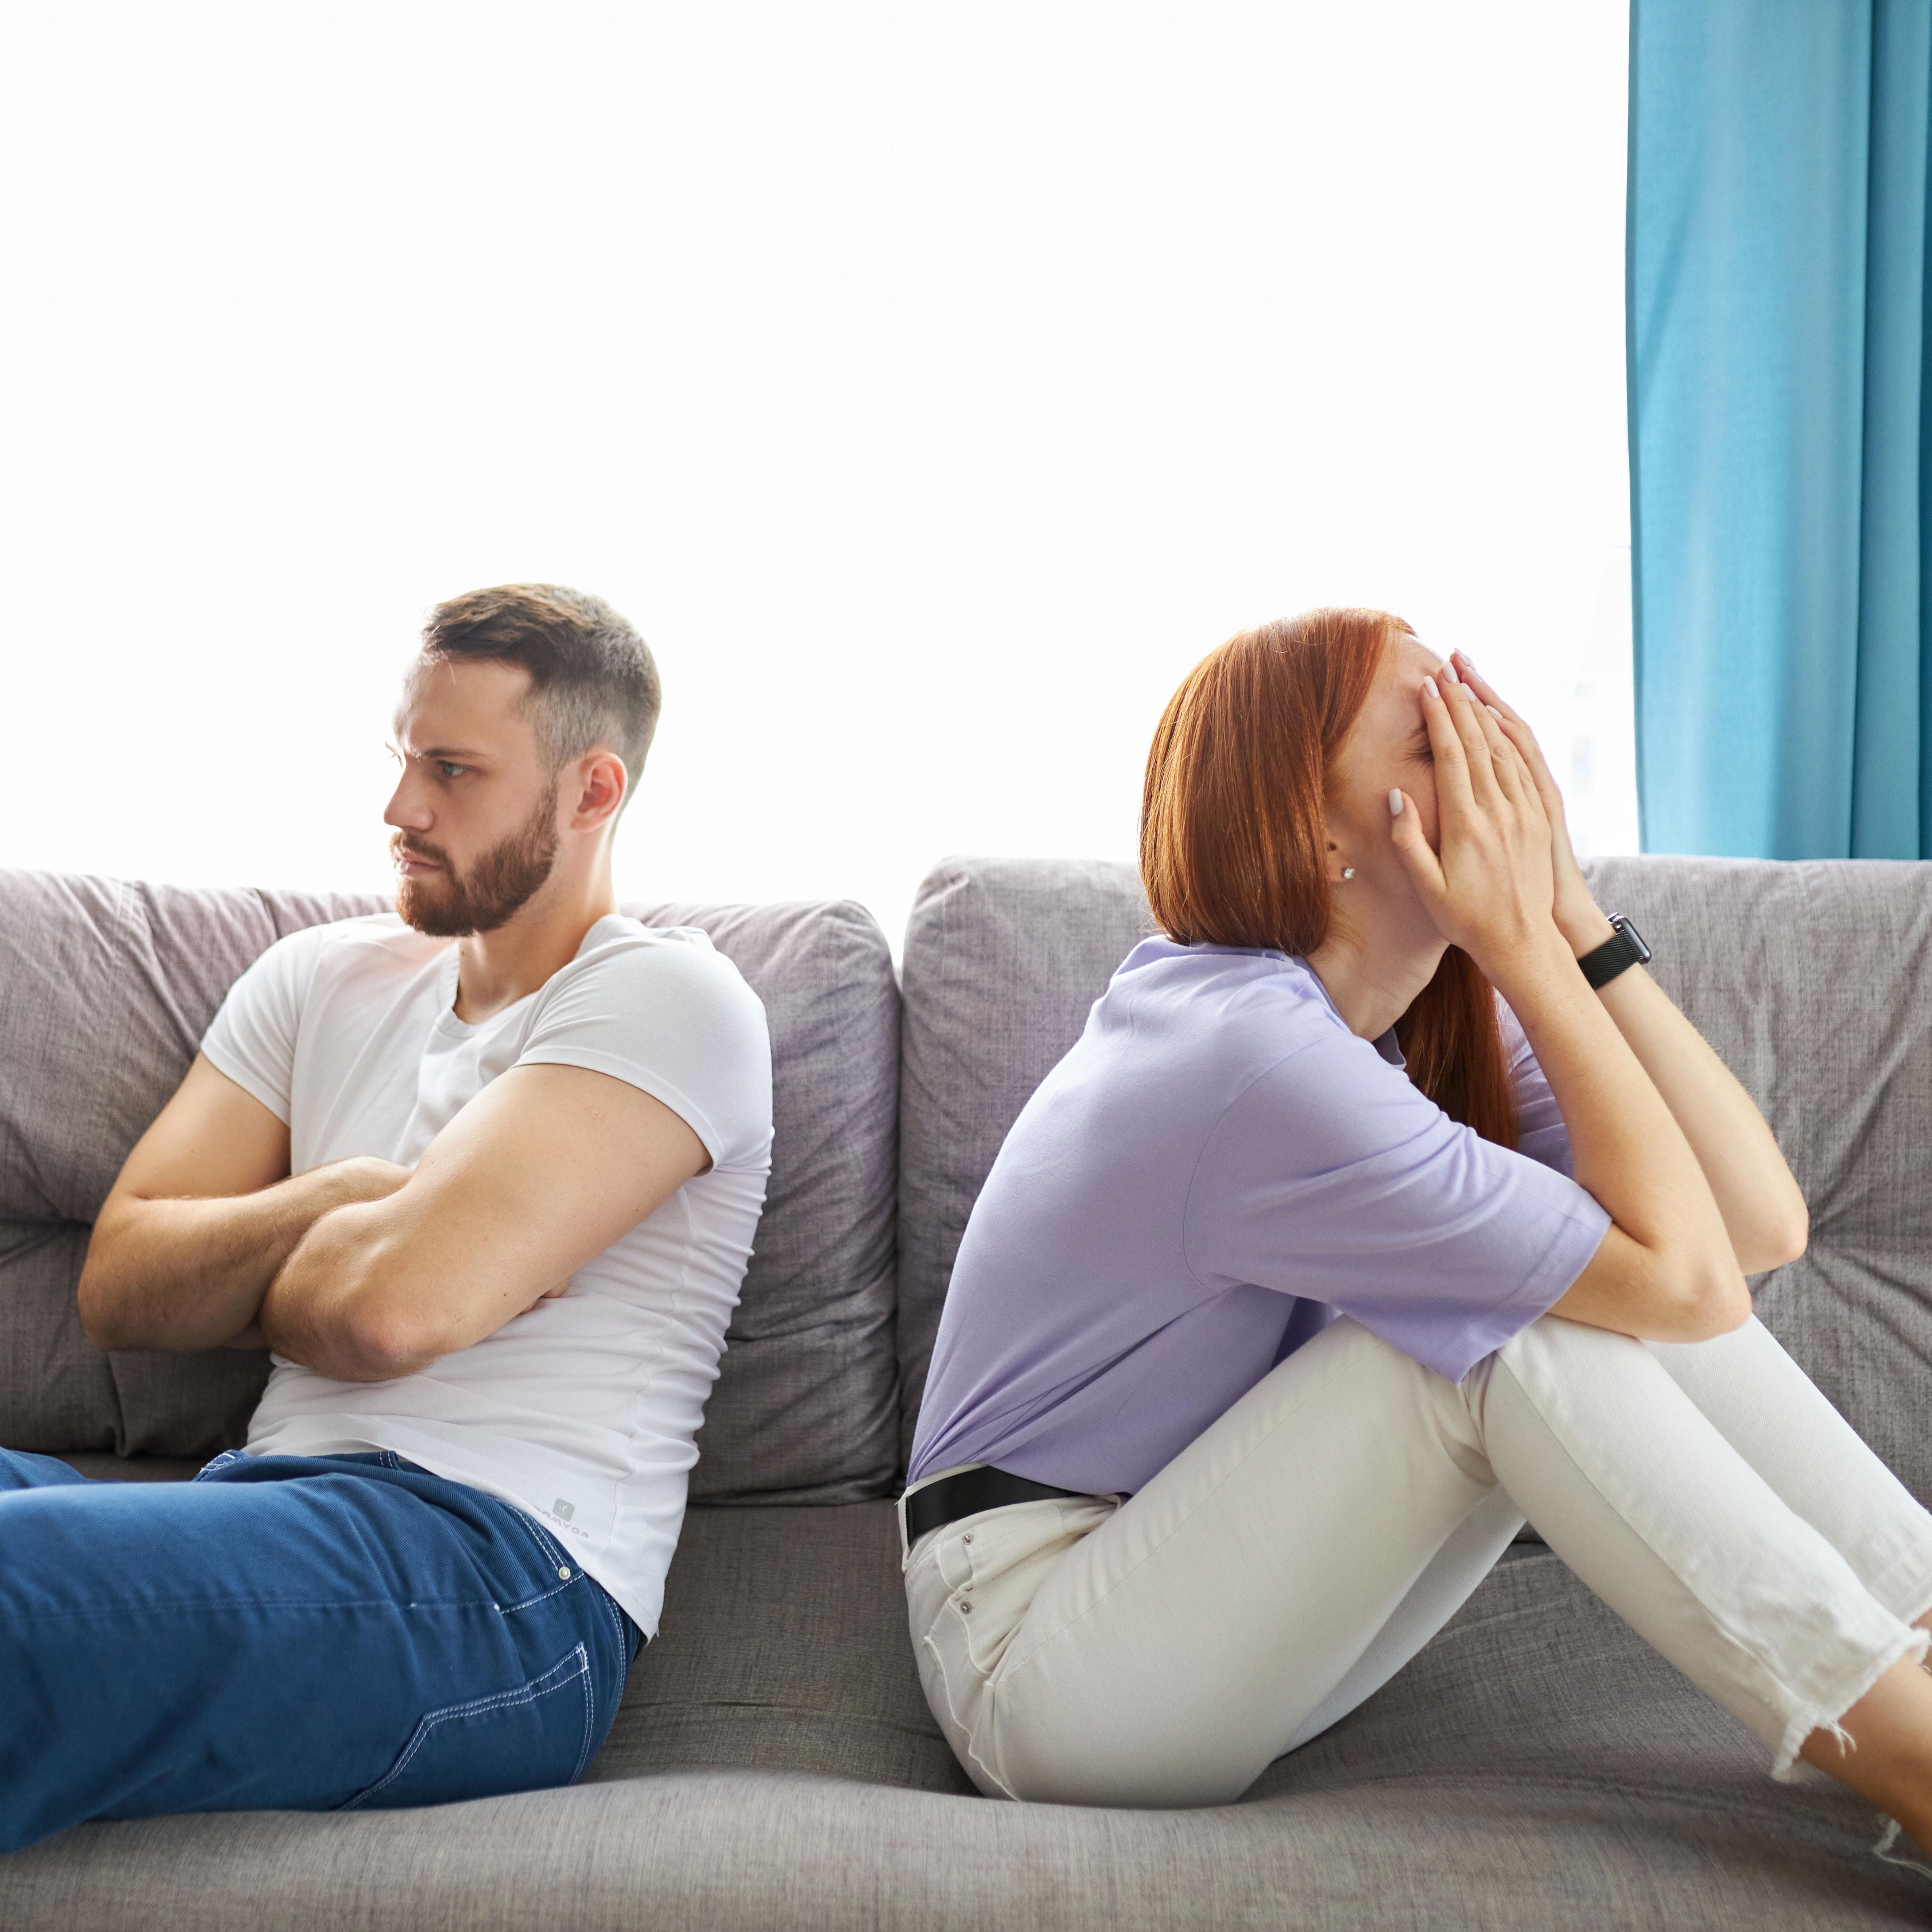 気軽な気持ちでやっちゃダメ!彼氏の愛情を測る行為が危険な6つの理由